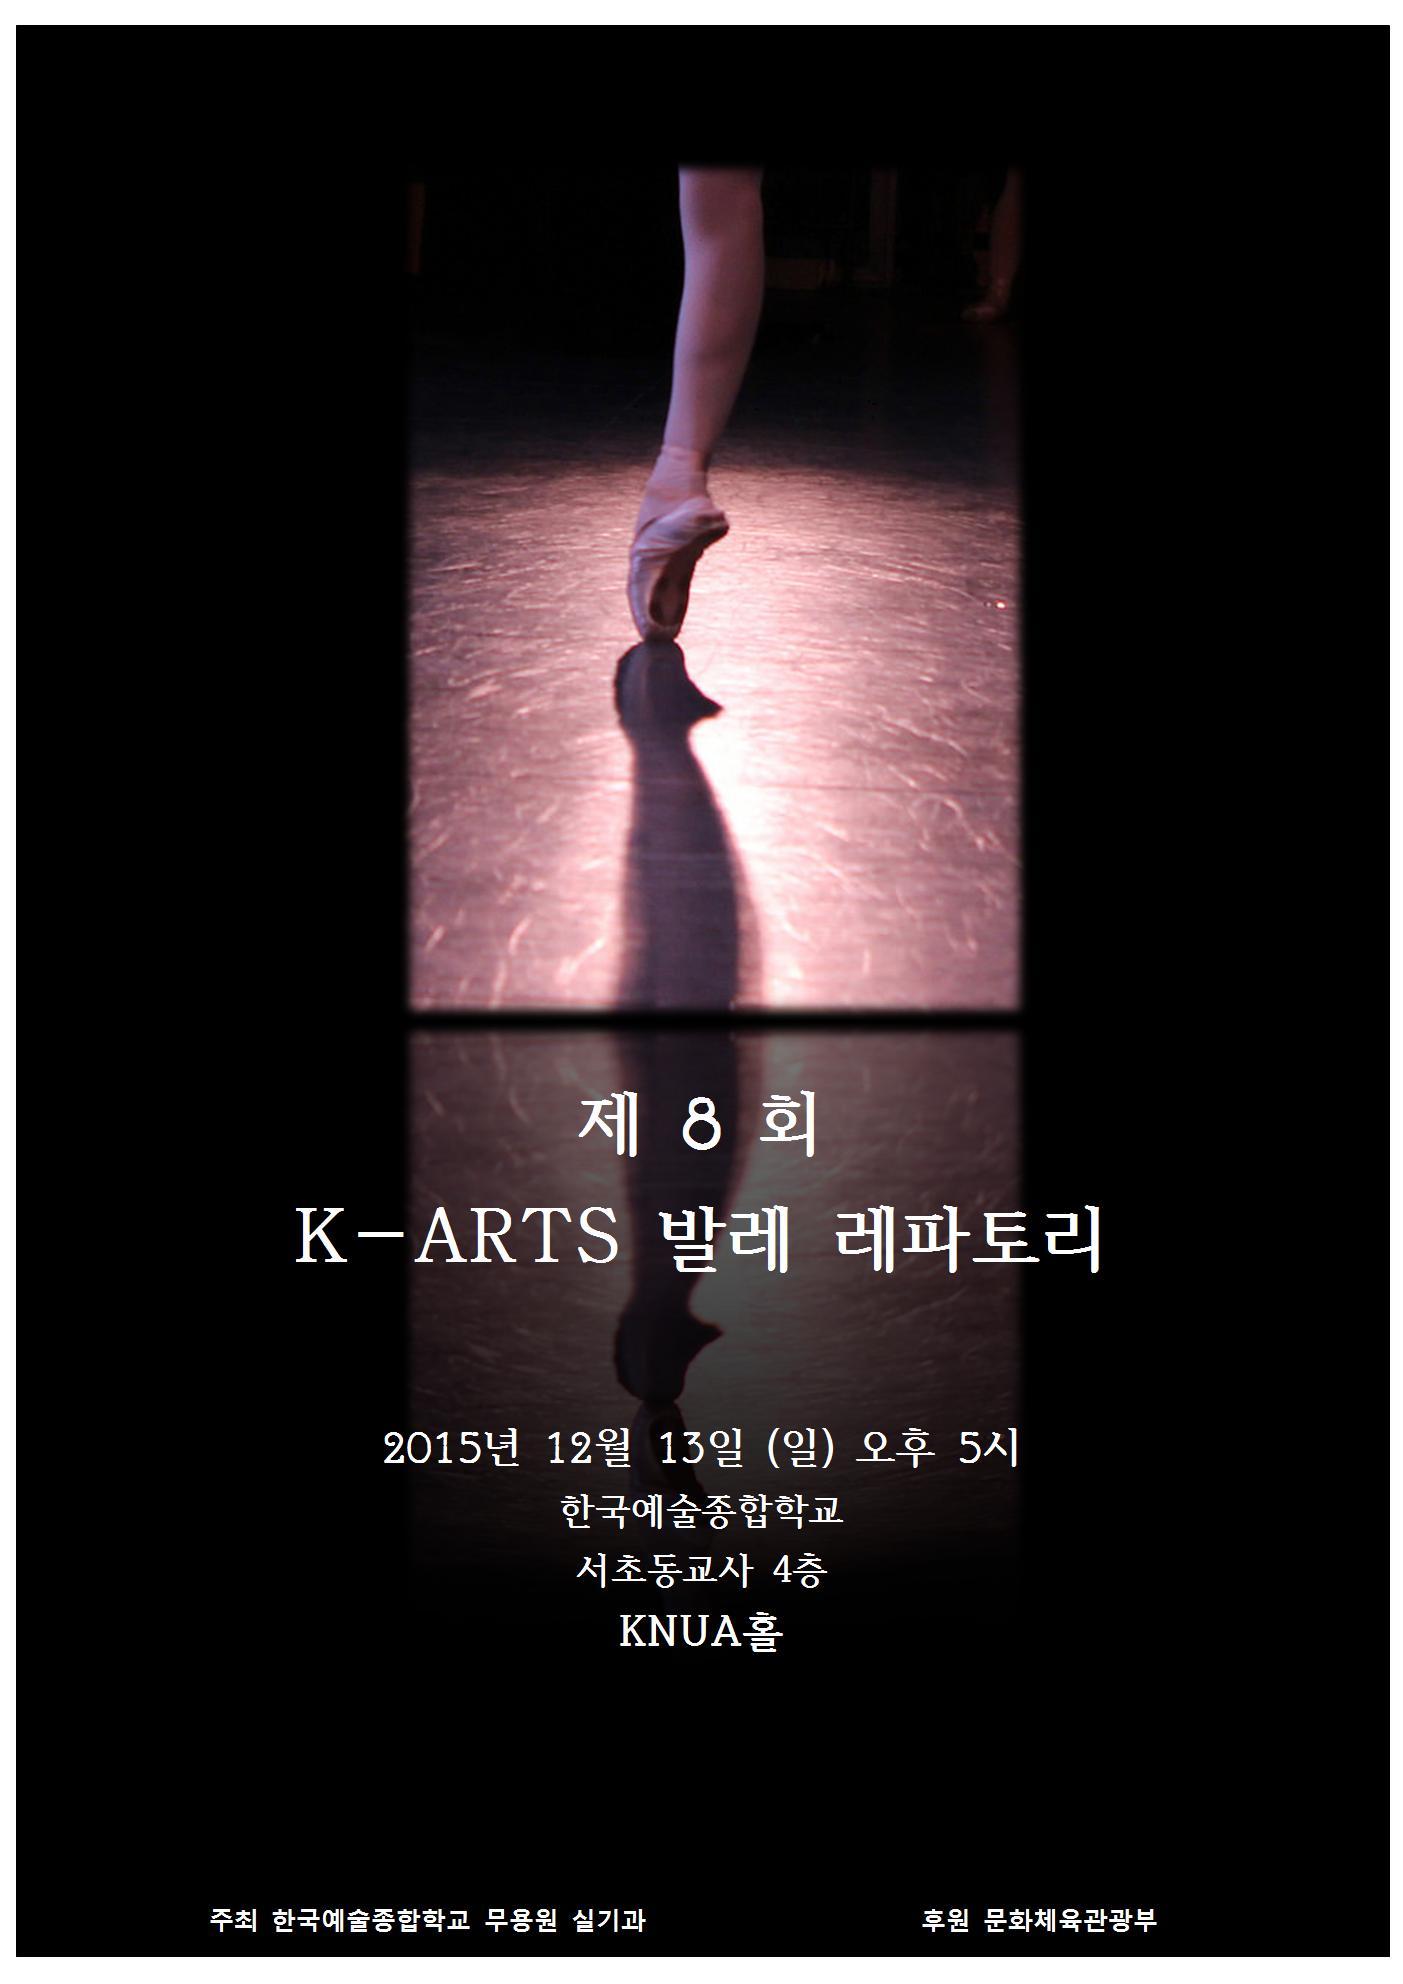 제 8회 K-Arts 발레 레파토리